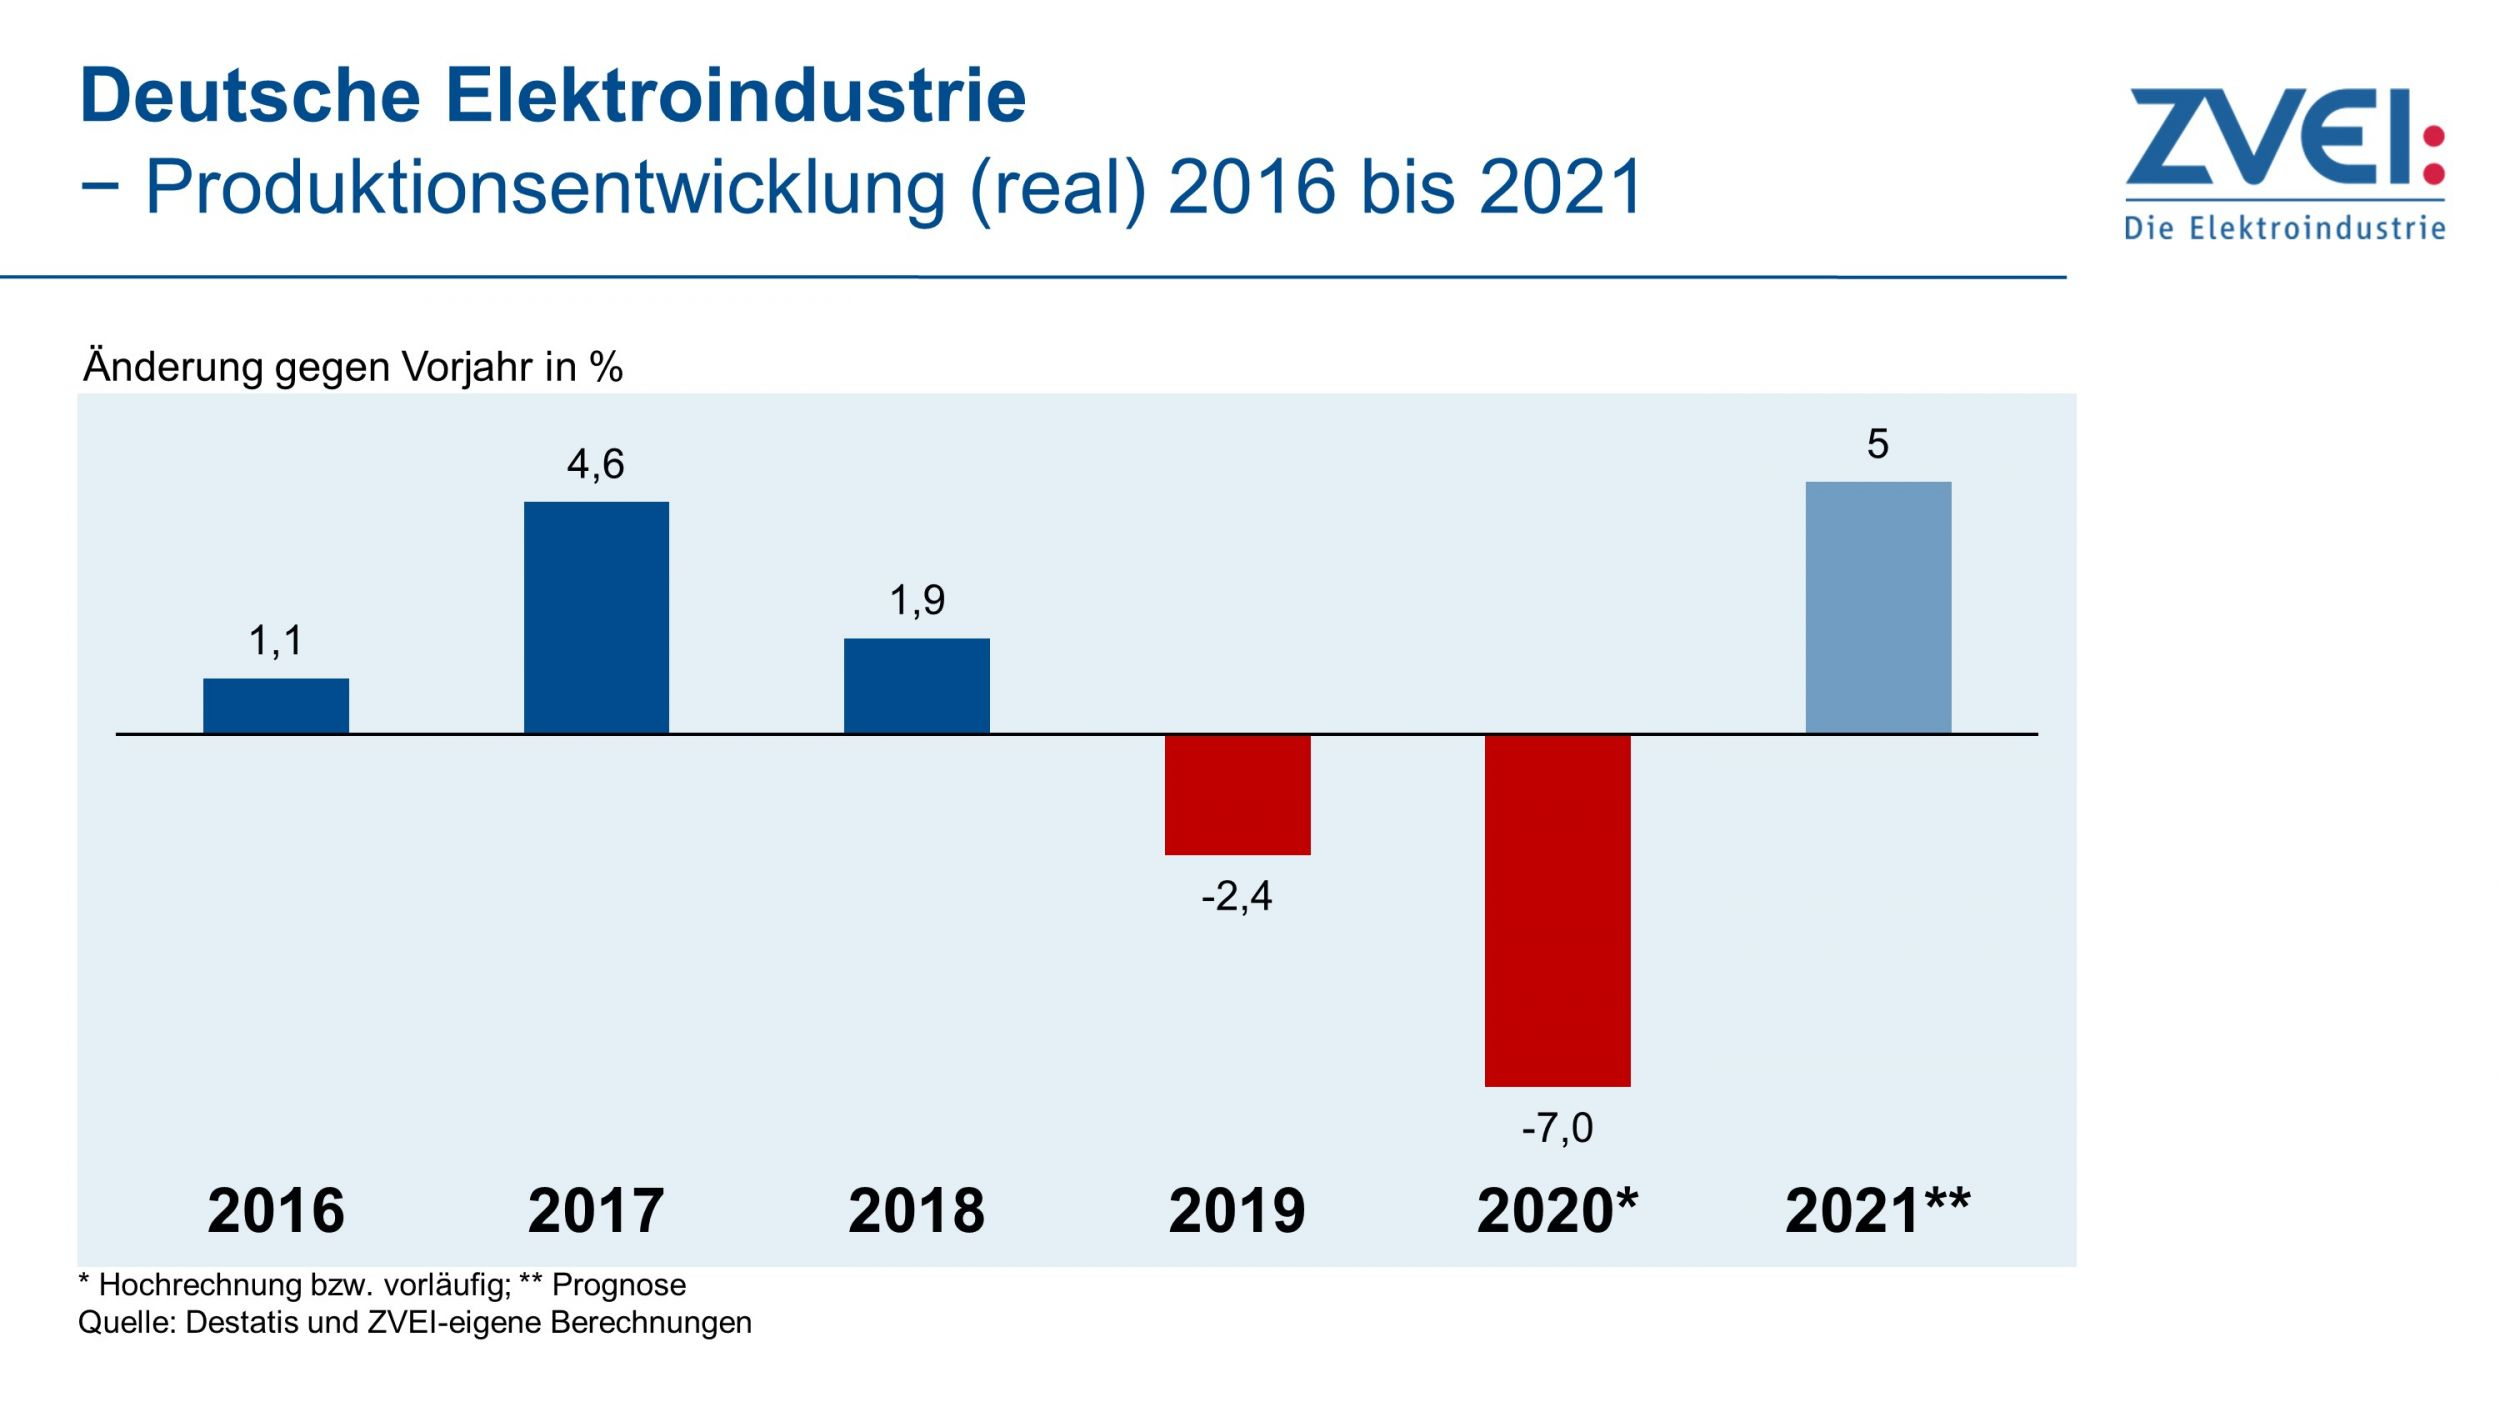 Elektroindustrie erwartet 2021 Wachstum von 5%